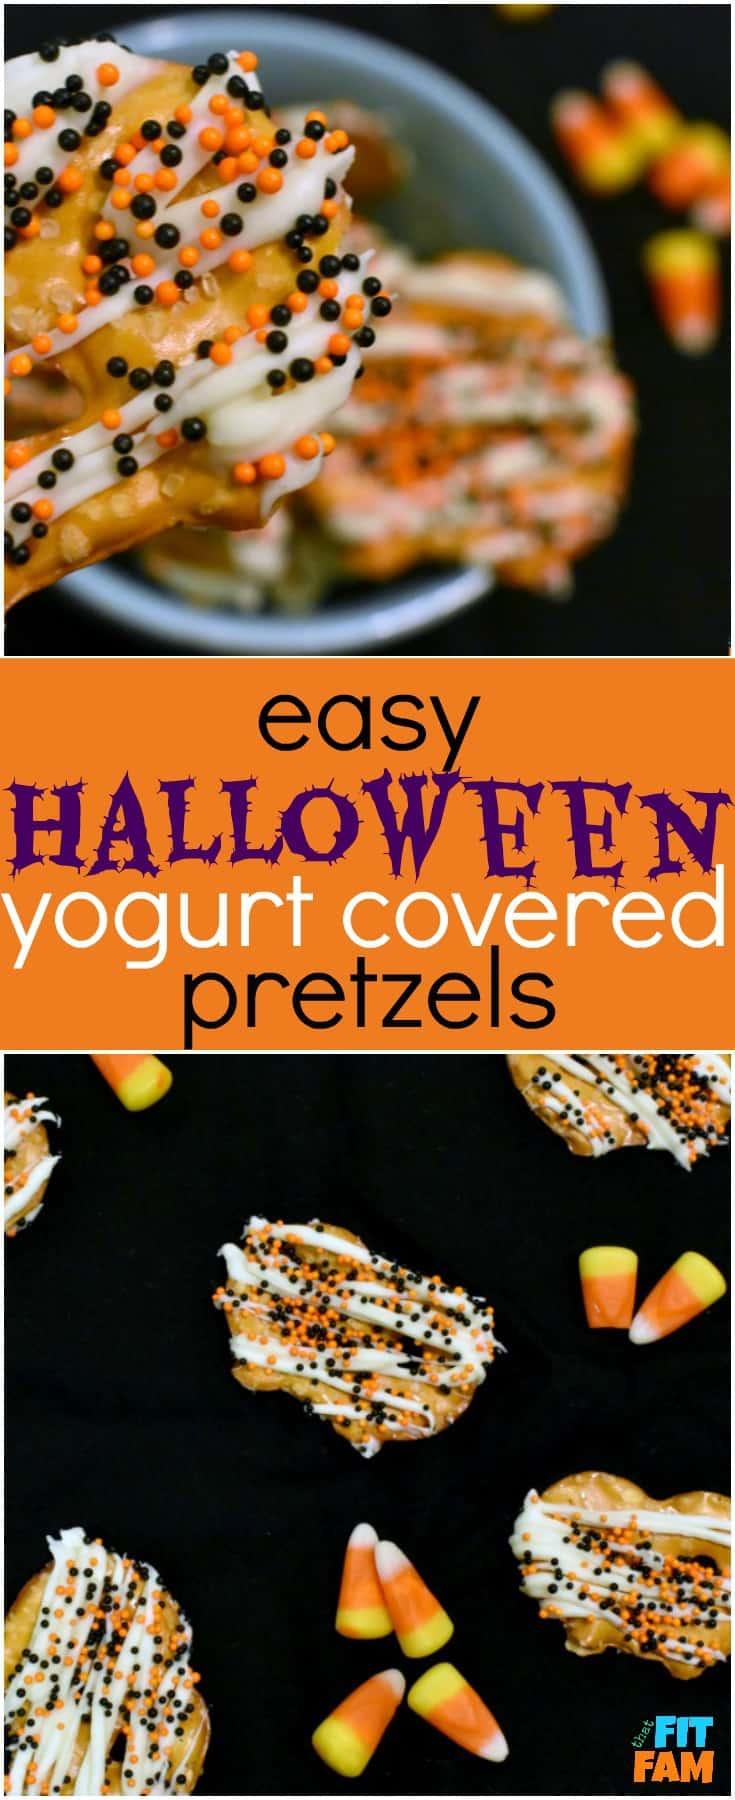 easy halloween yogurt covered pretzels that fit fam. Black Bedroom Furniture Sets. Home Design Ideas